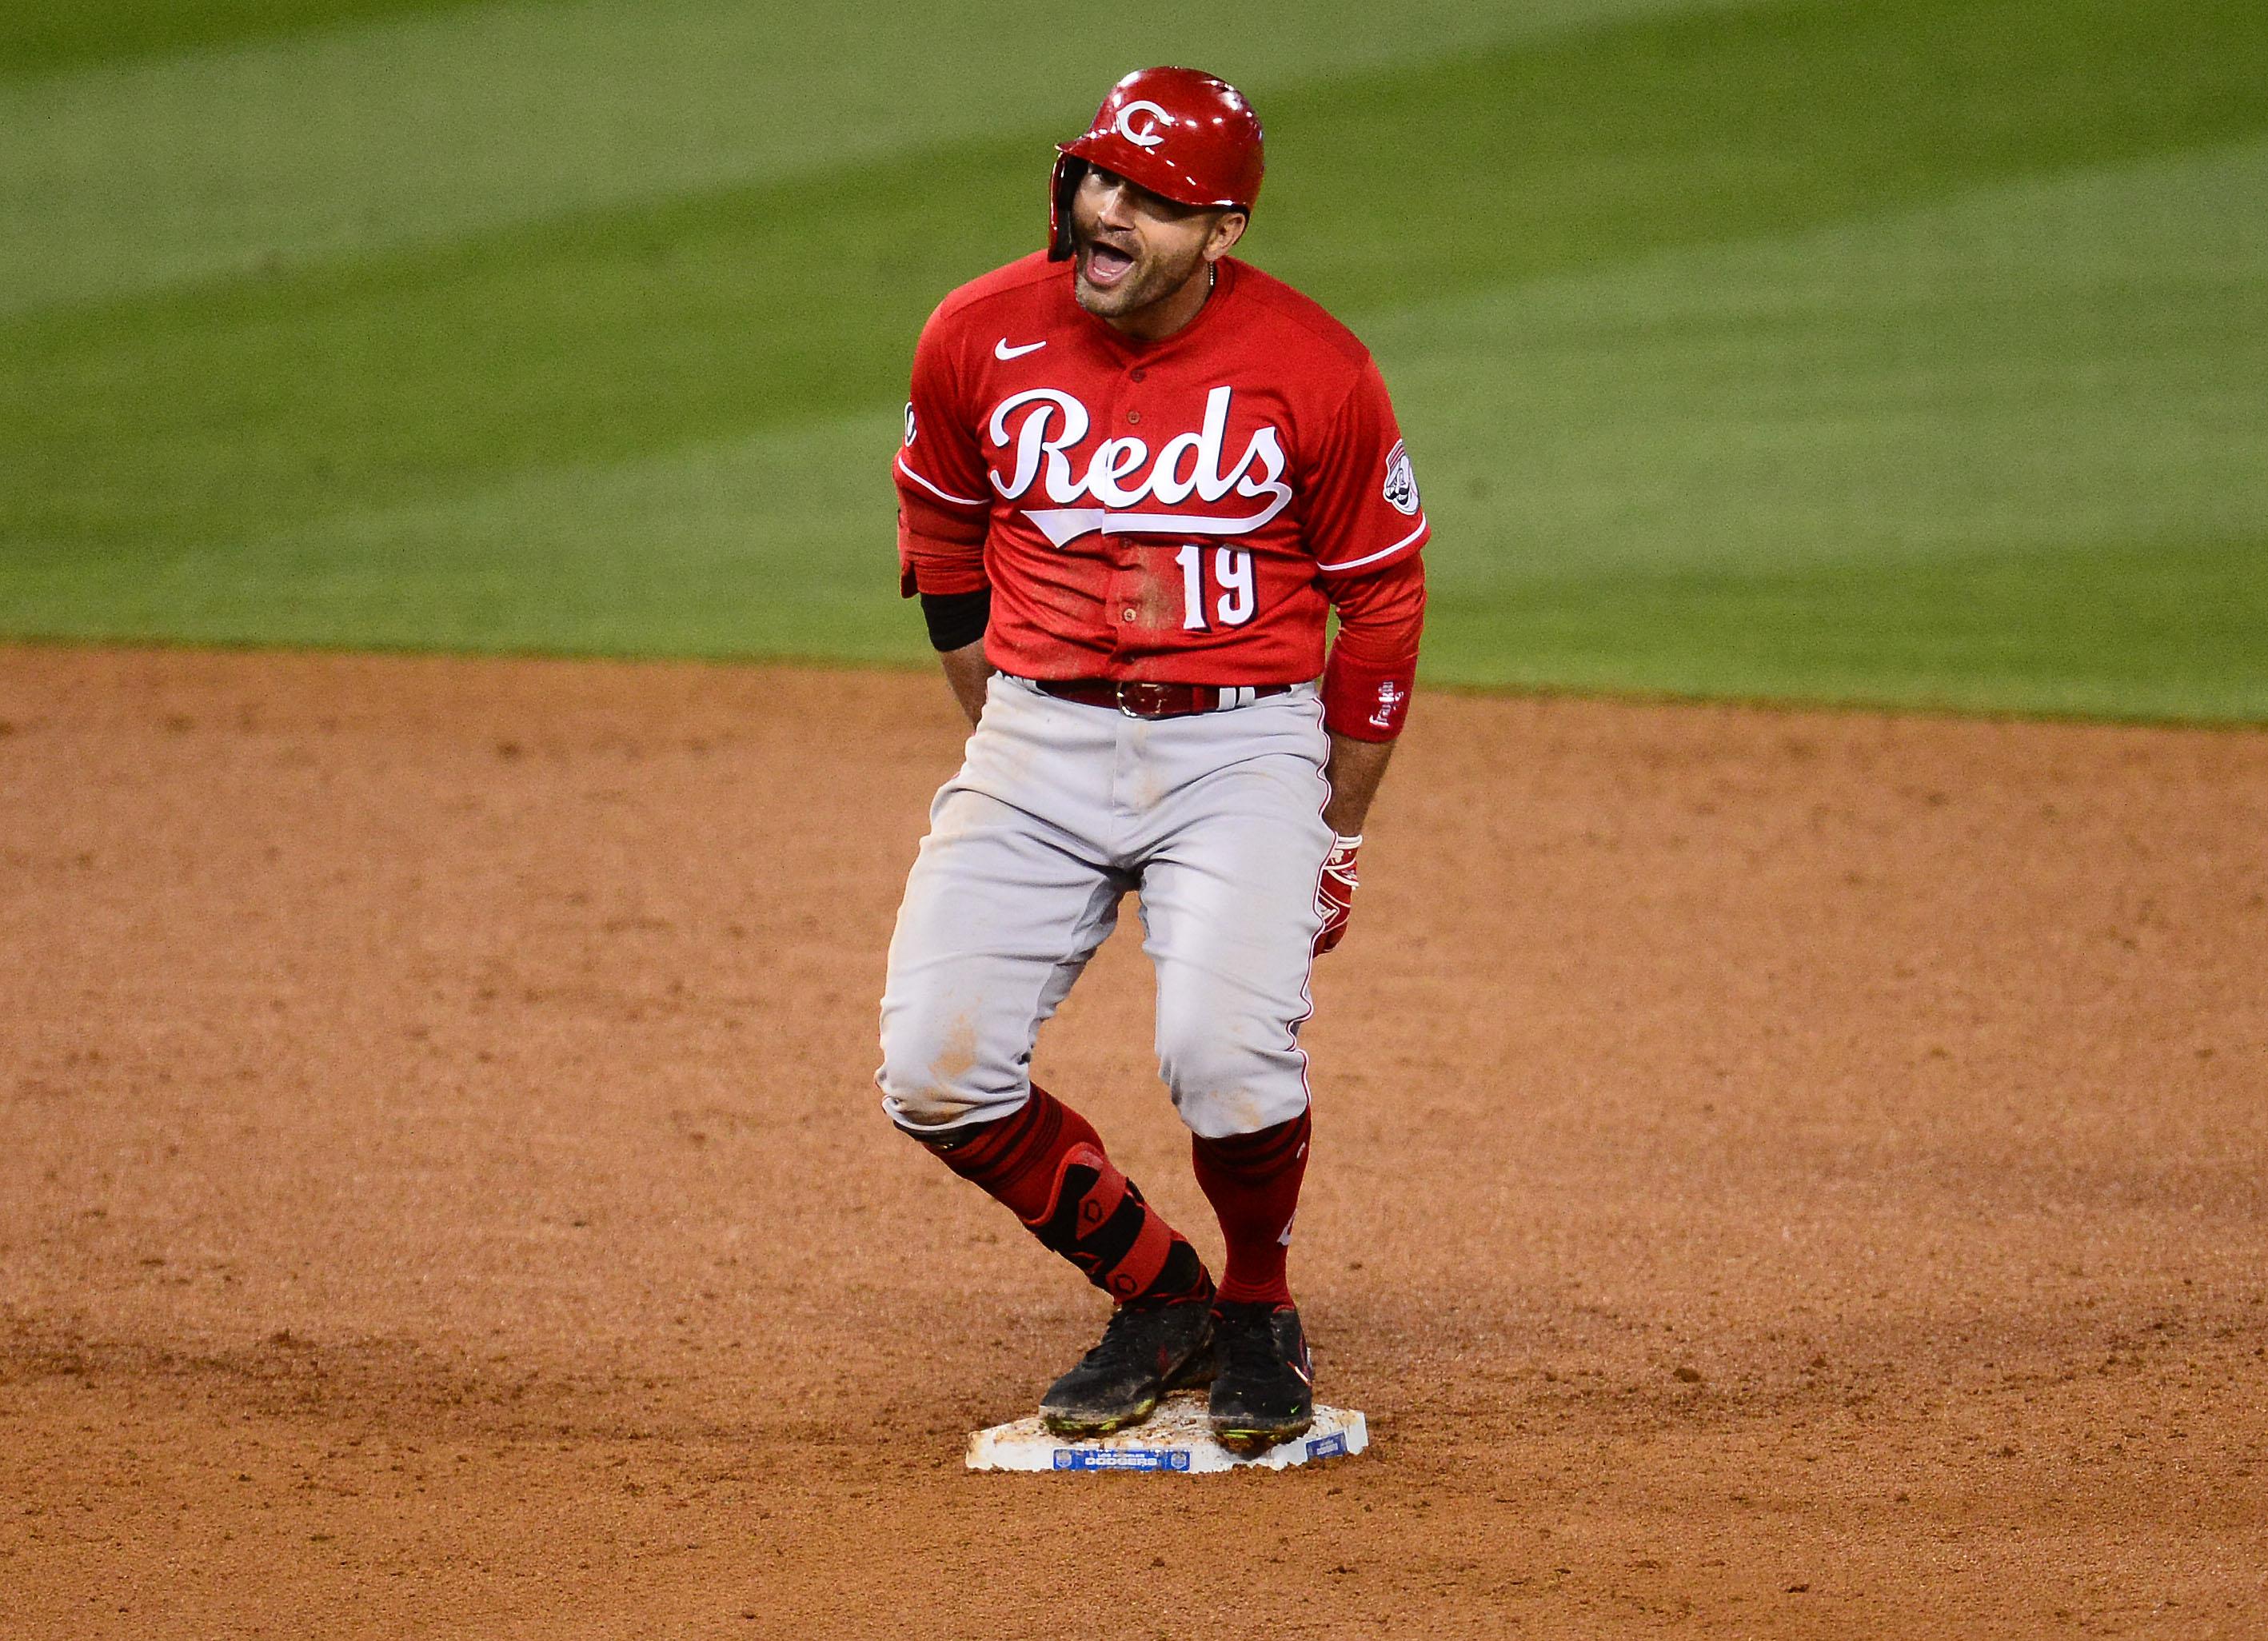 辛辛那提红人队一垒手乔伊·沃托在第七局对洛杉矶道奇队击出两分打点二垒安打后的反应。